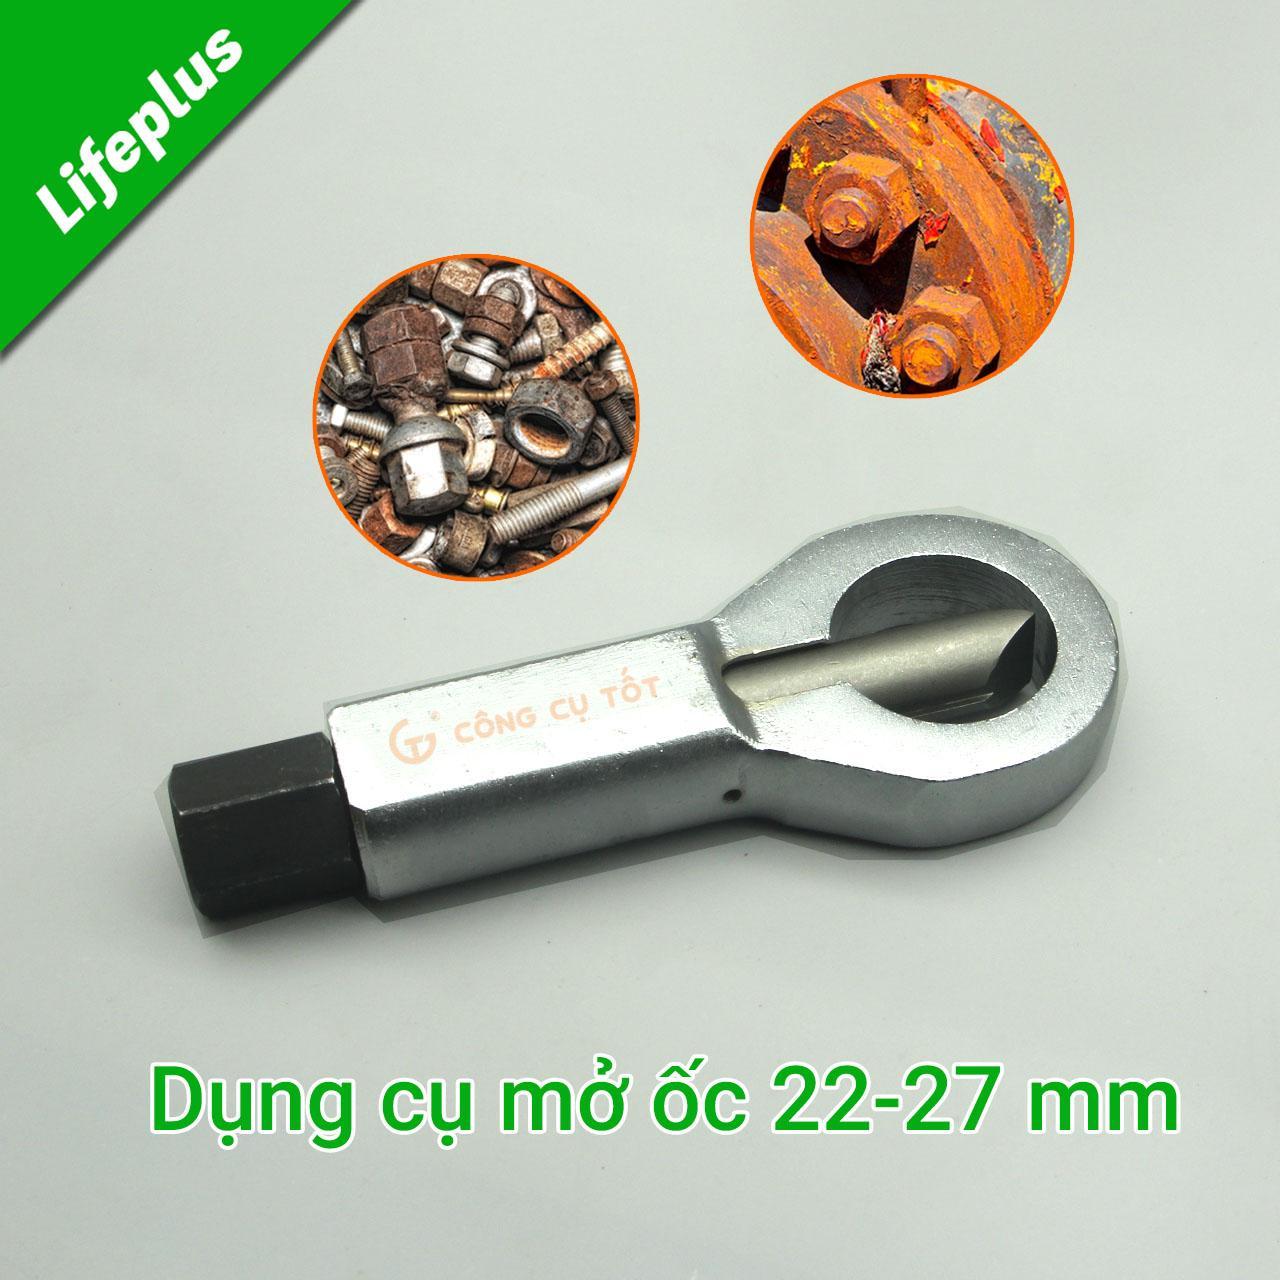 Dụng cụ mở ốc vít gỉ sét 22-27mm